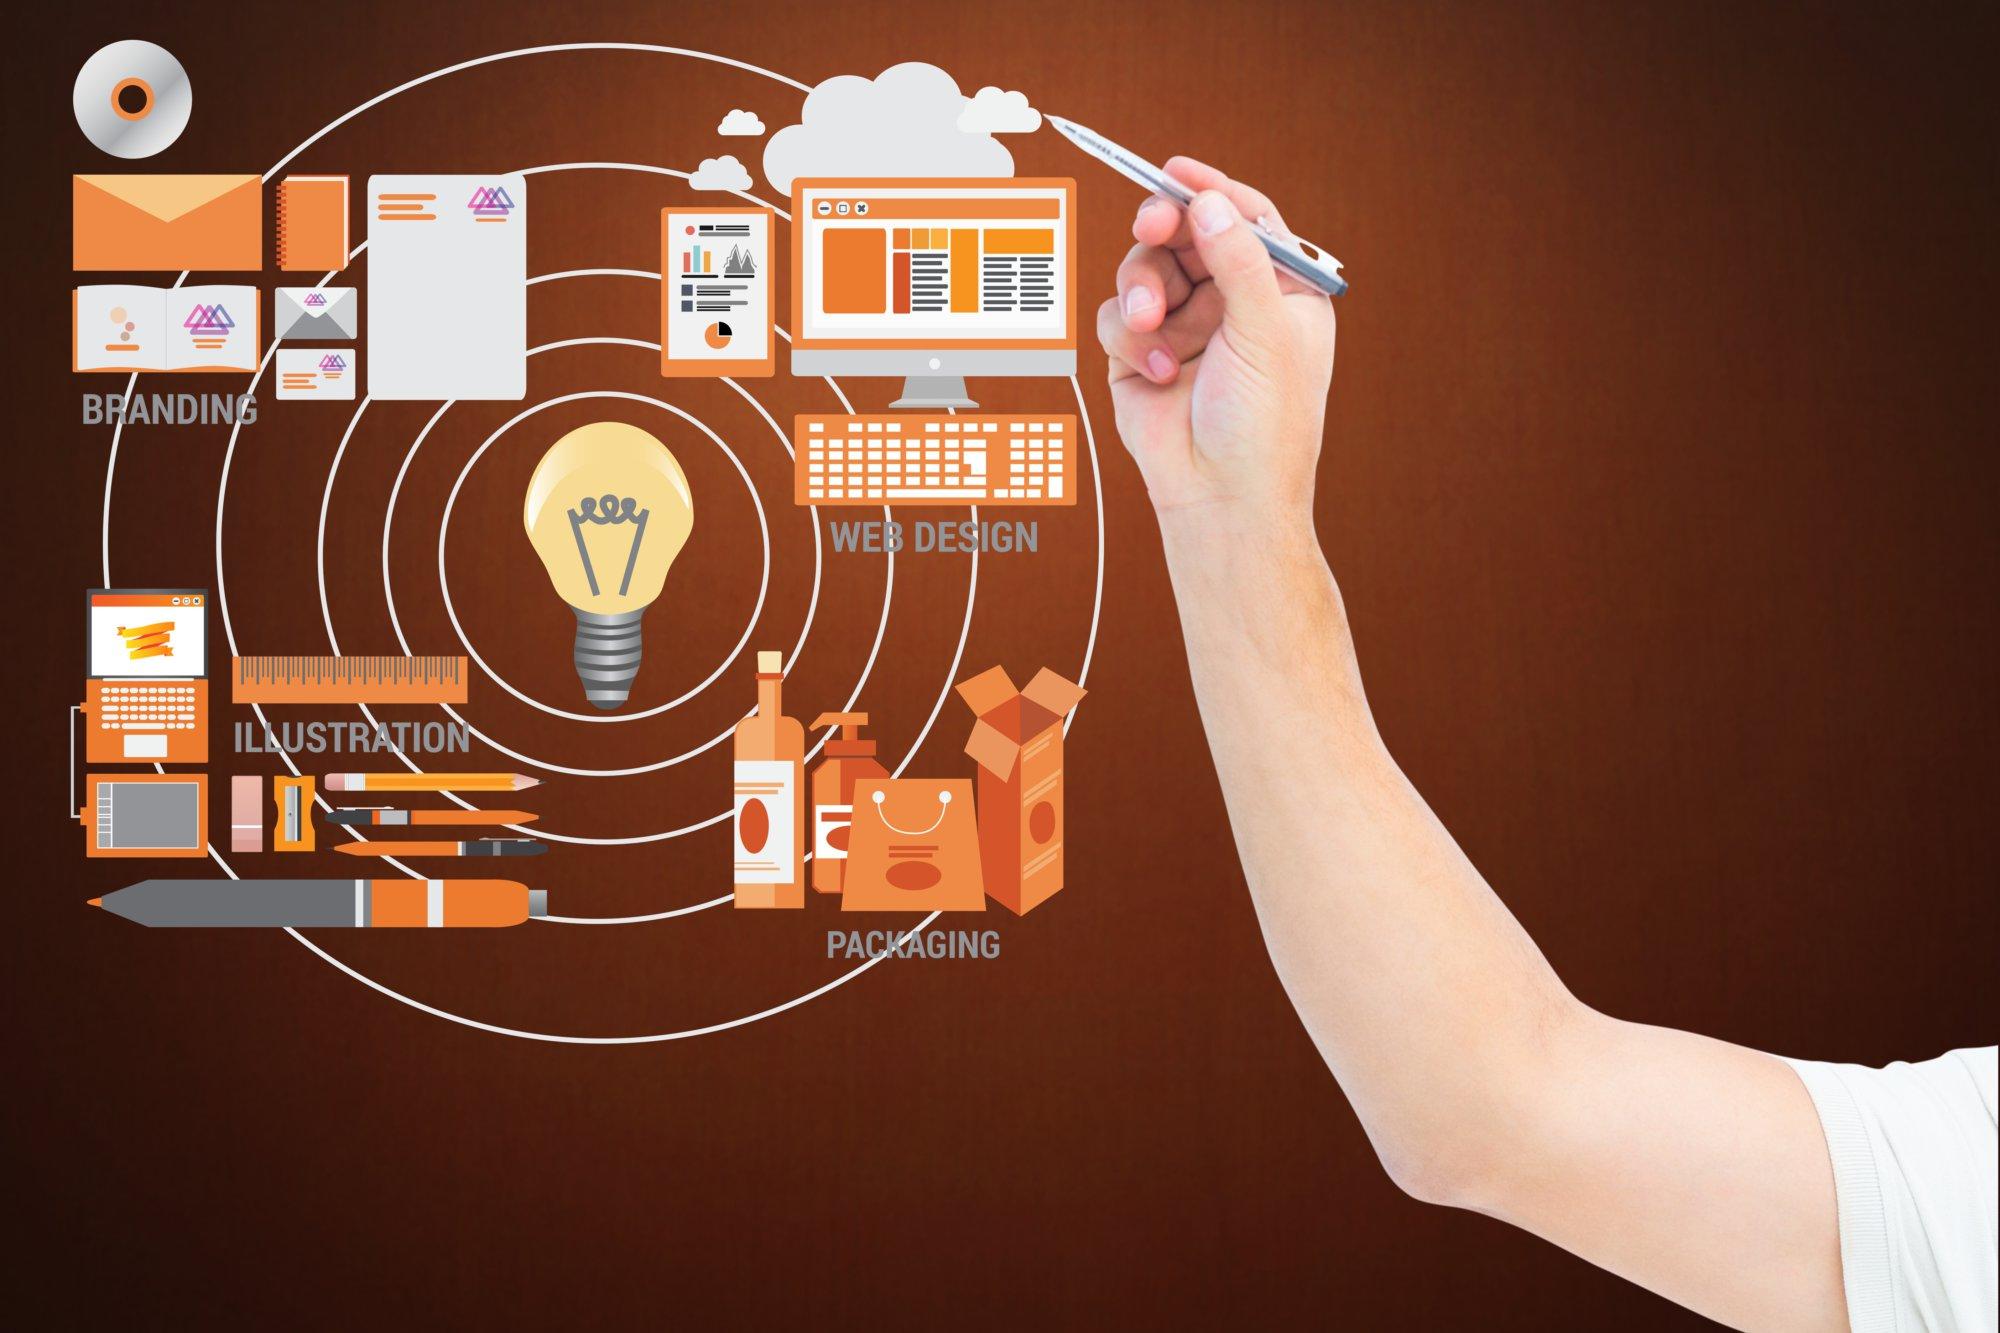 Brand Experience – Consumidor compra mais baseado em sua relação com a marca